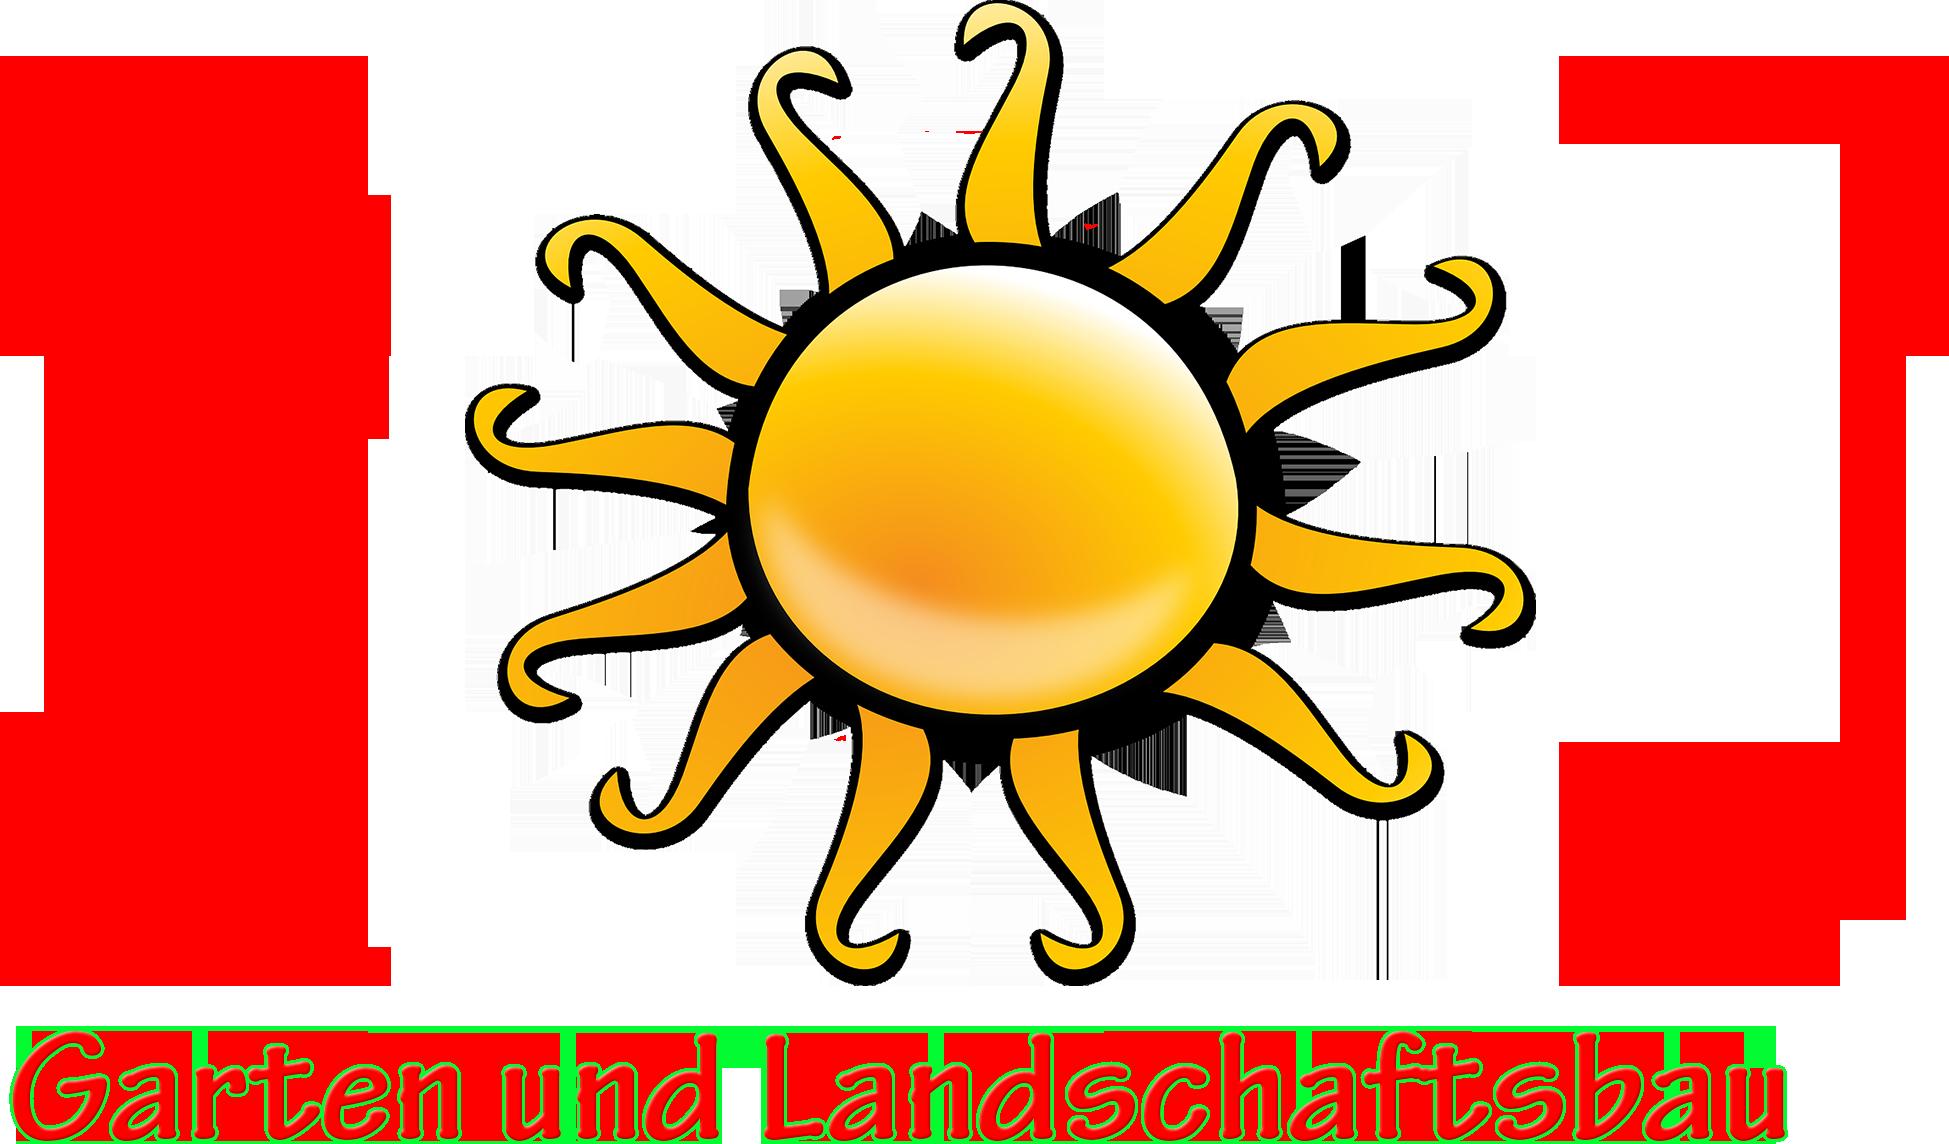 Roj Garten und Landschaftsbau